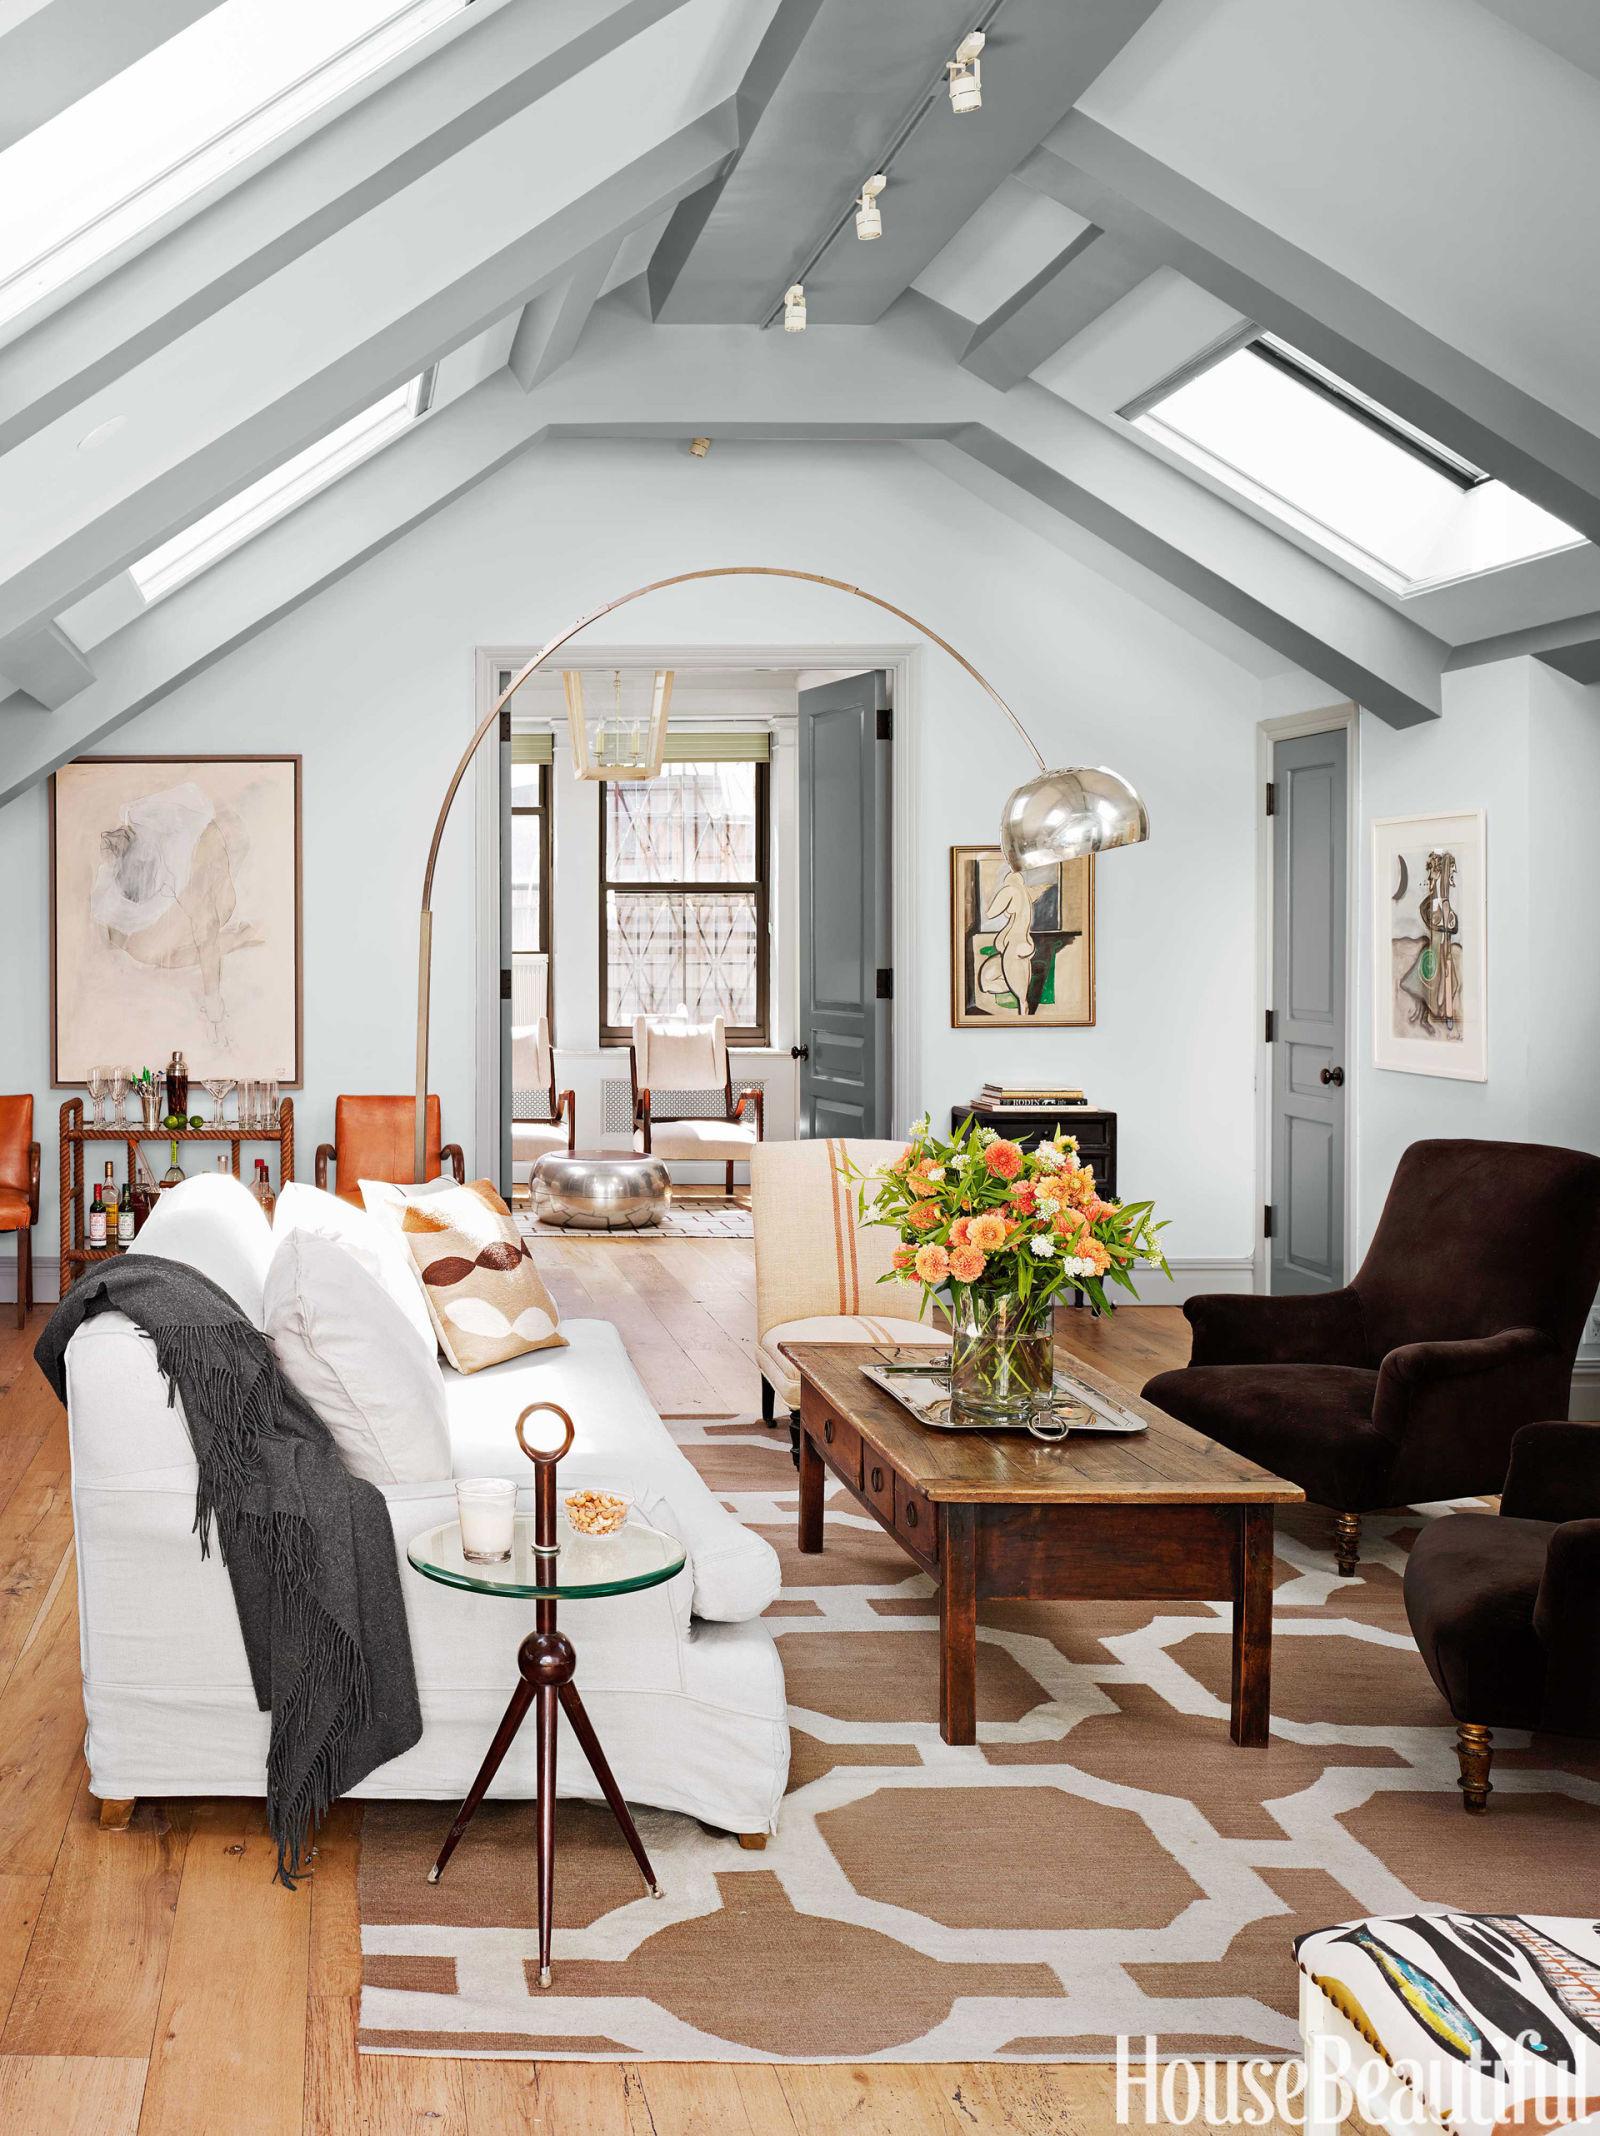 Una mansarda dallo stile parigino - Pulci nel letto ...